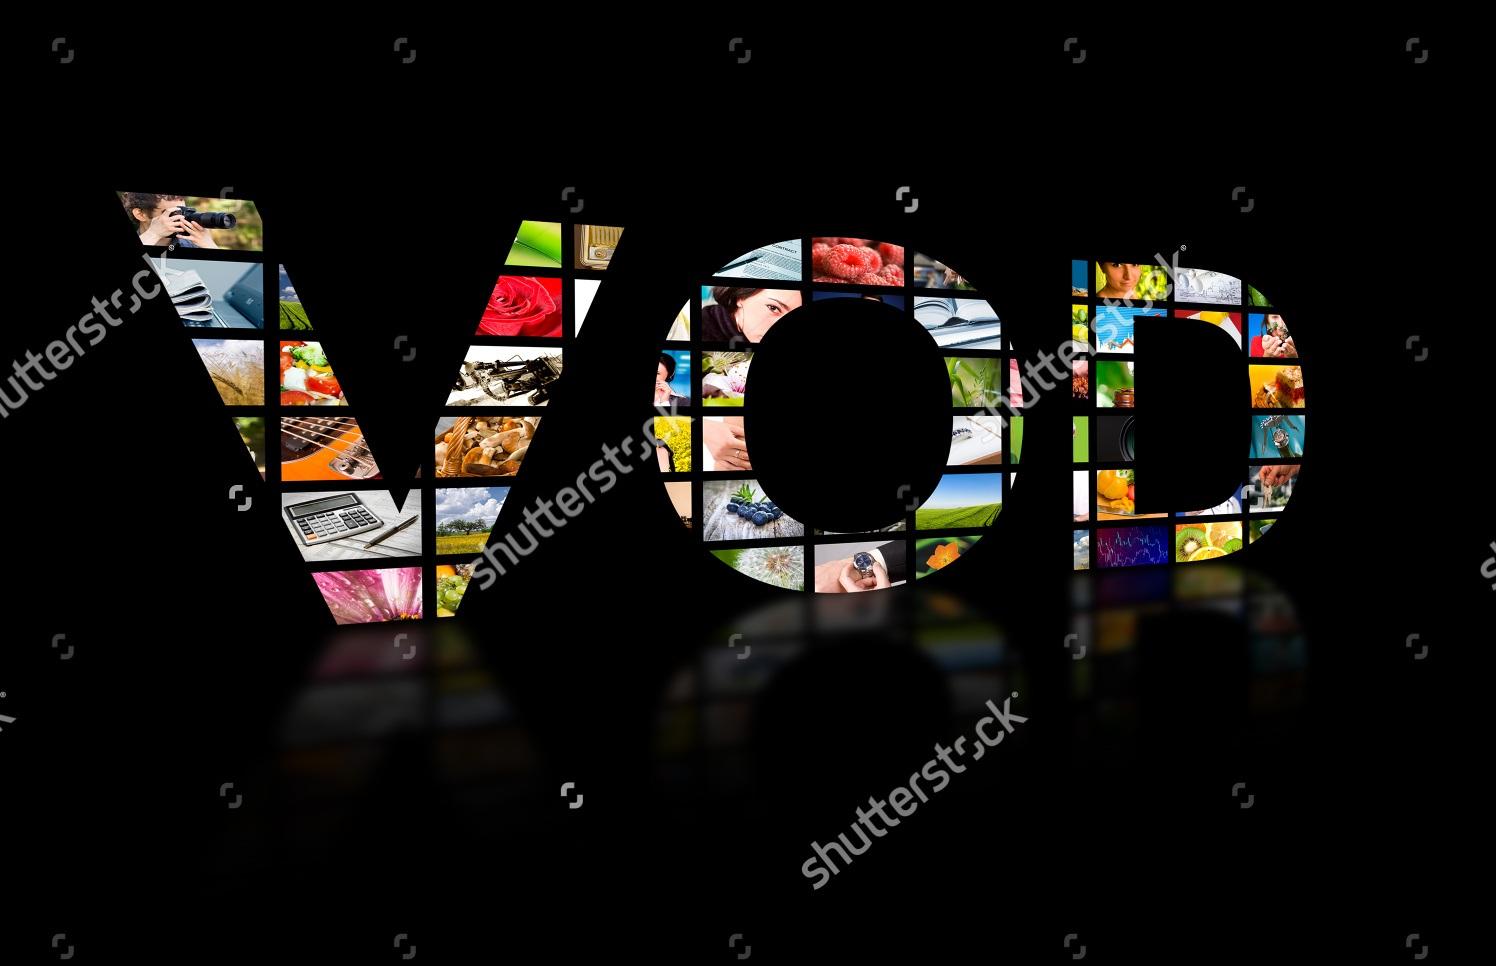 VOD در ایران به بهرهبرداری رسید/ پهنای باند ایران به 8 ترابیت بر ثانیه خواهد رسید